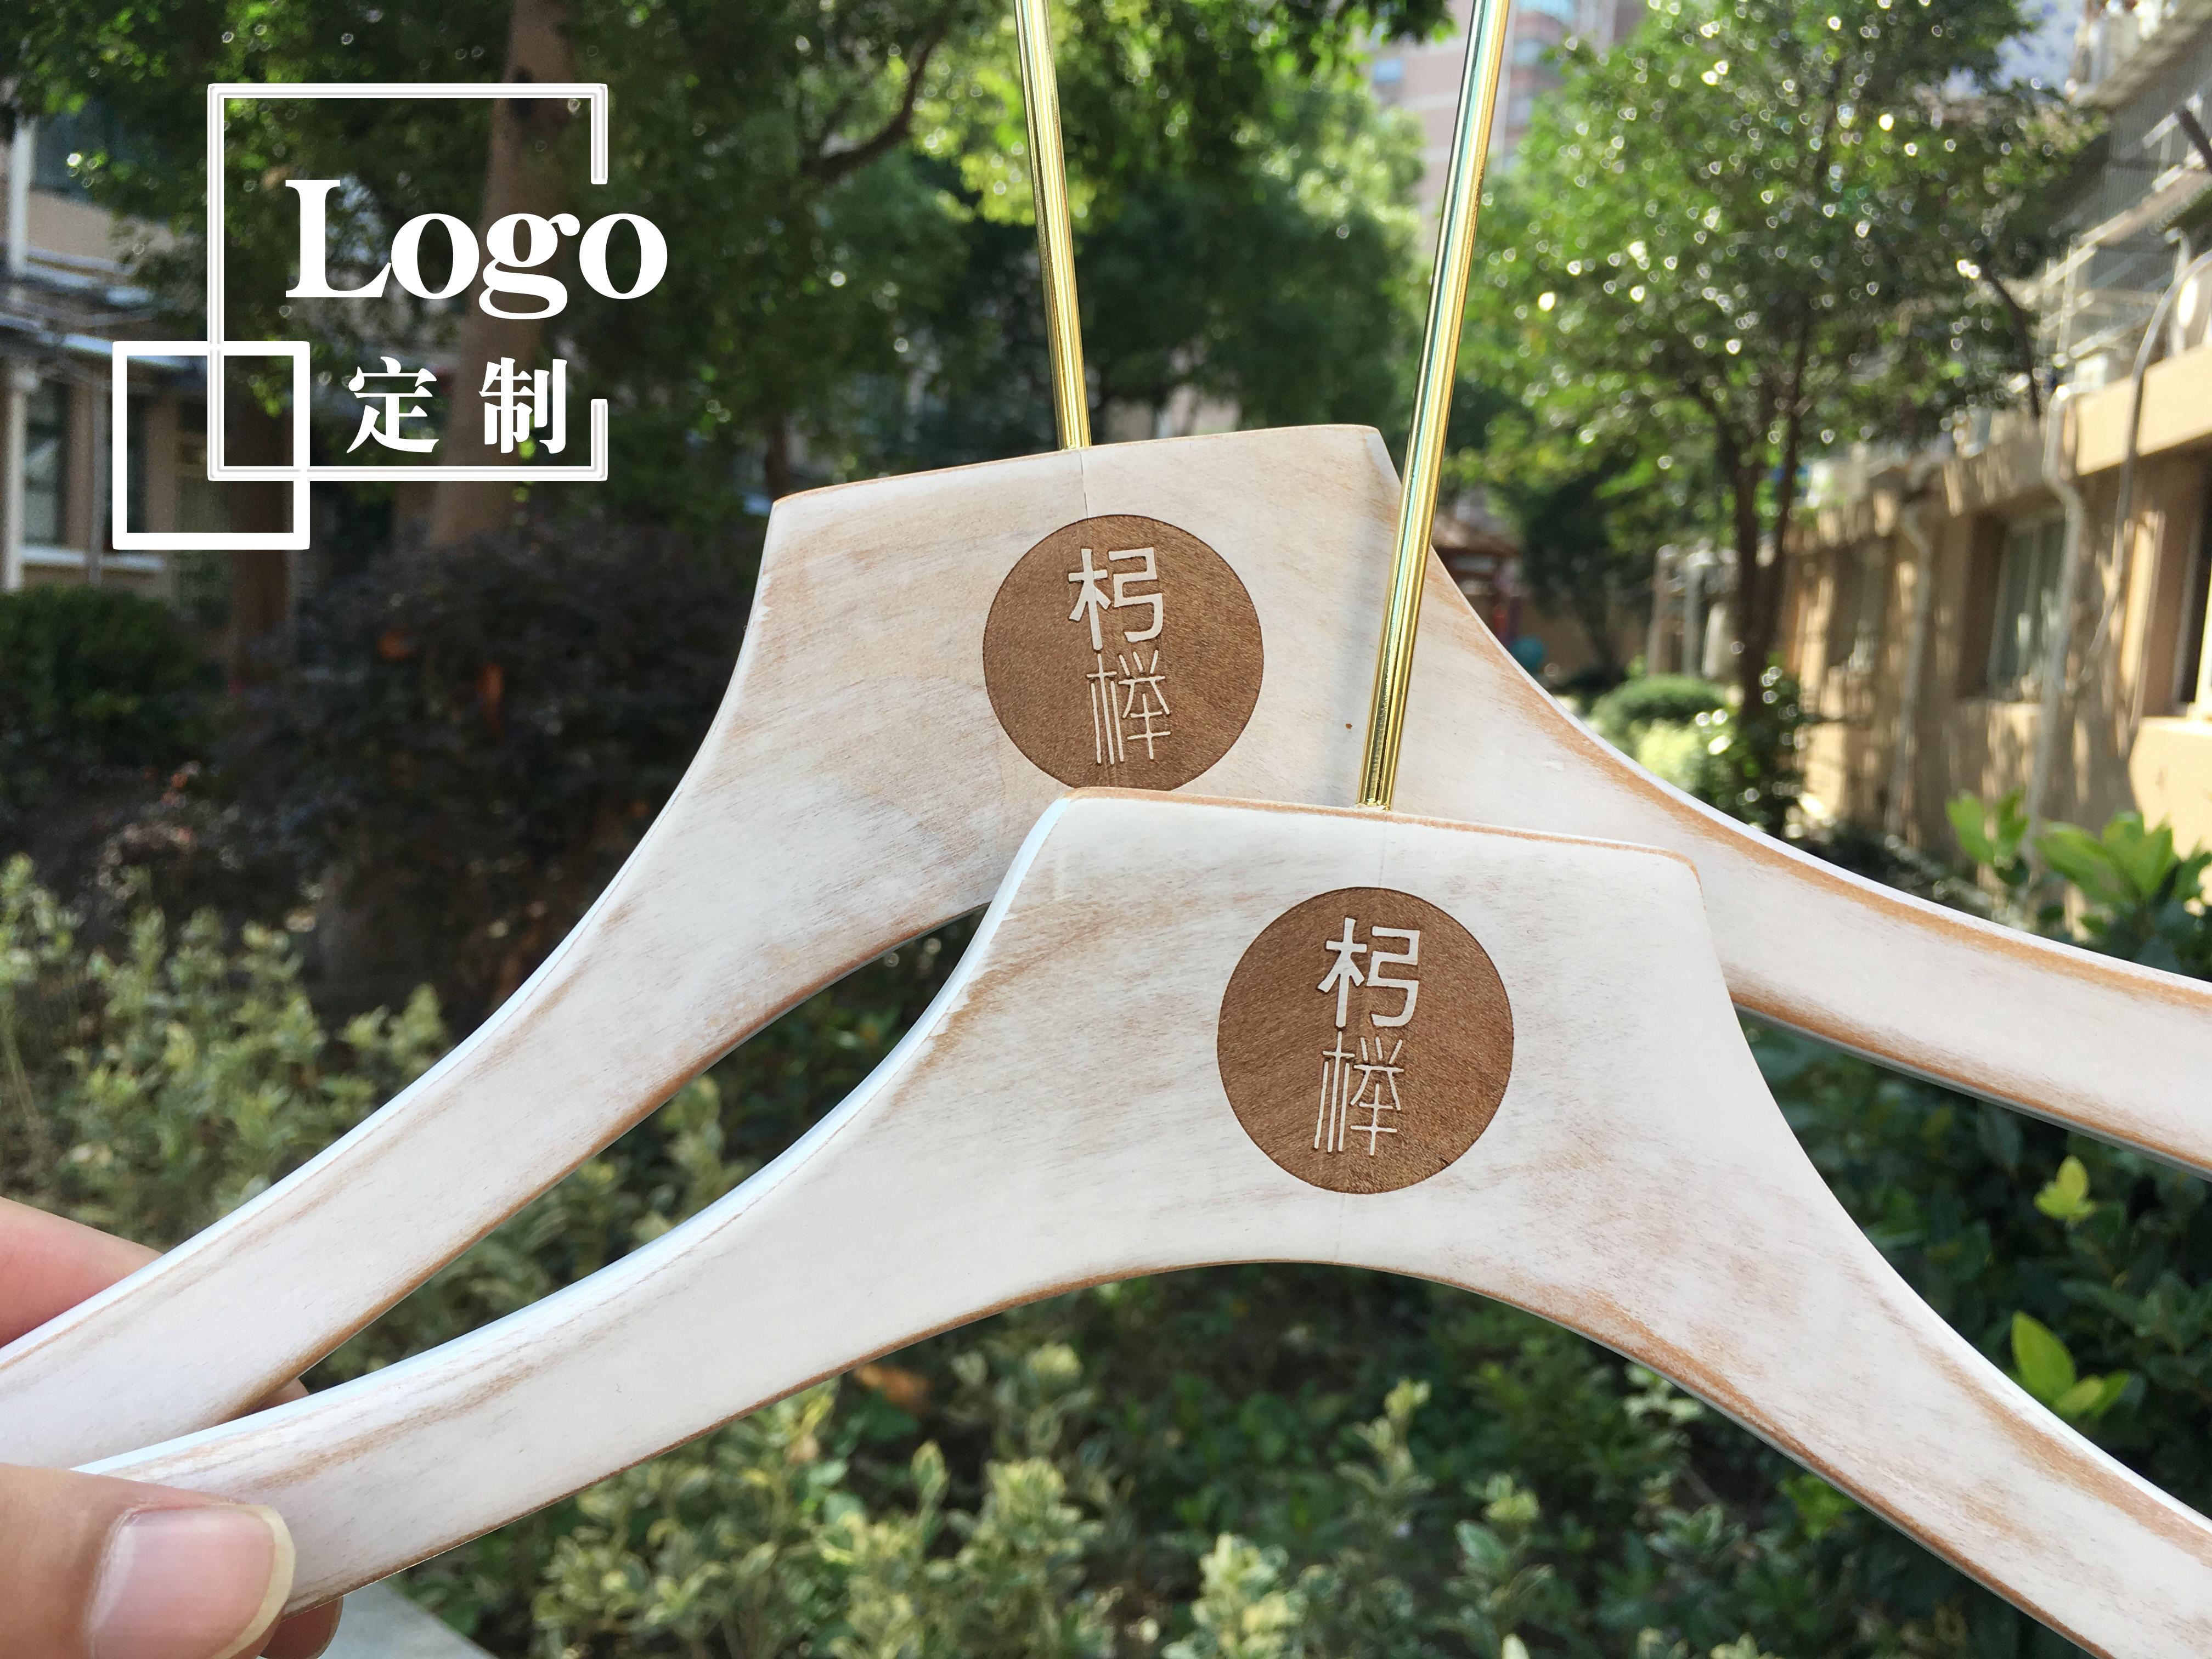 热卖纯色实木衣架复古做旧水洗白色男女儿童实木衣架logo定制包邮